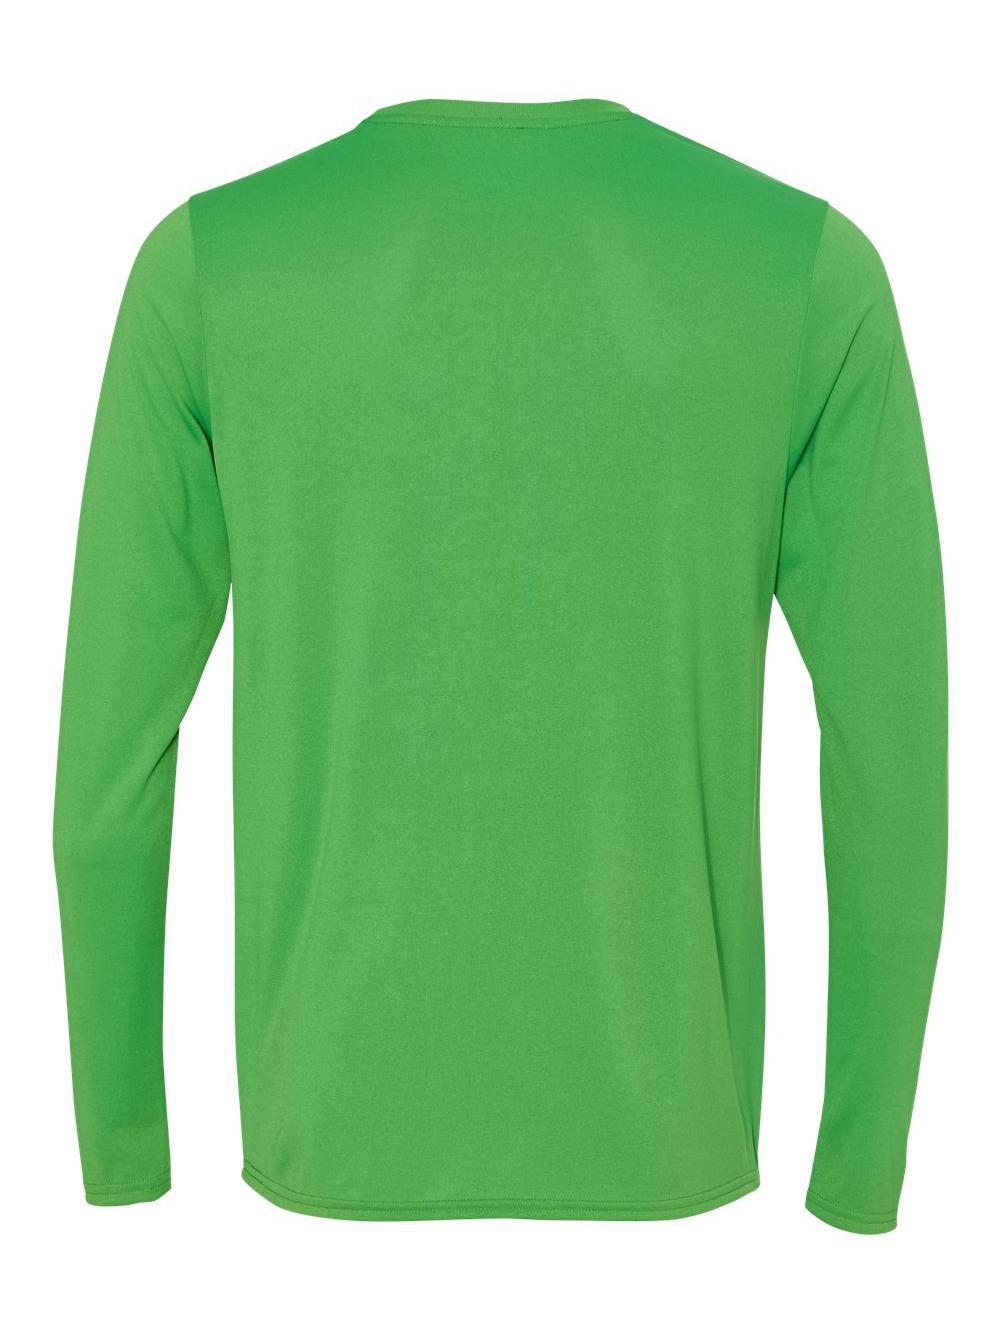 Gildan-Tech-Performance-Long-Sleeve-T-Shirt-47400 miniatura 7